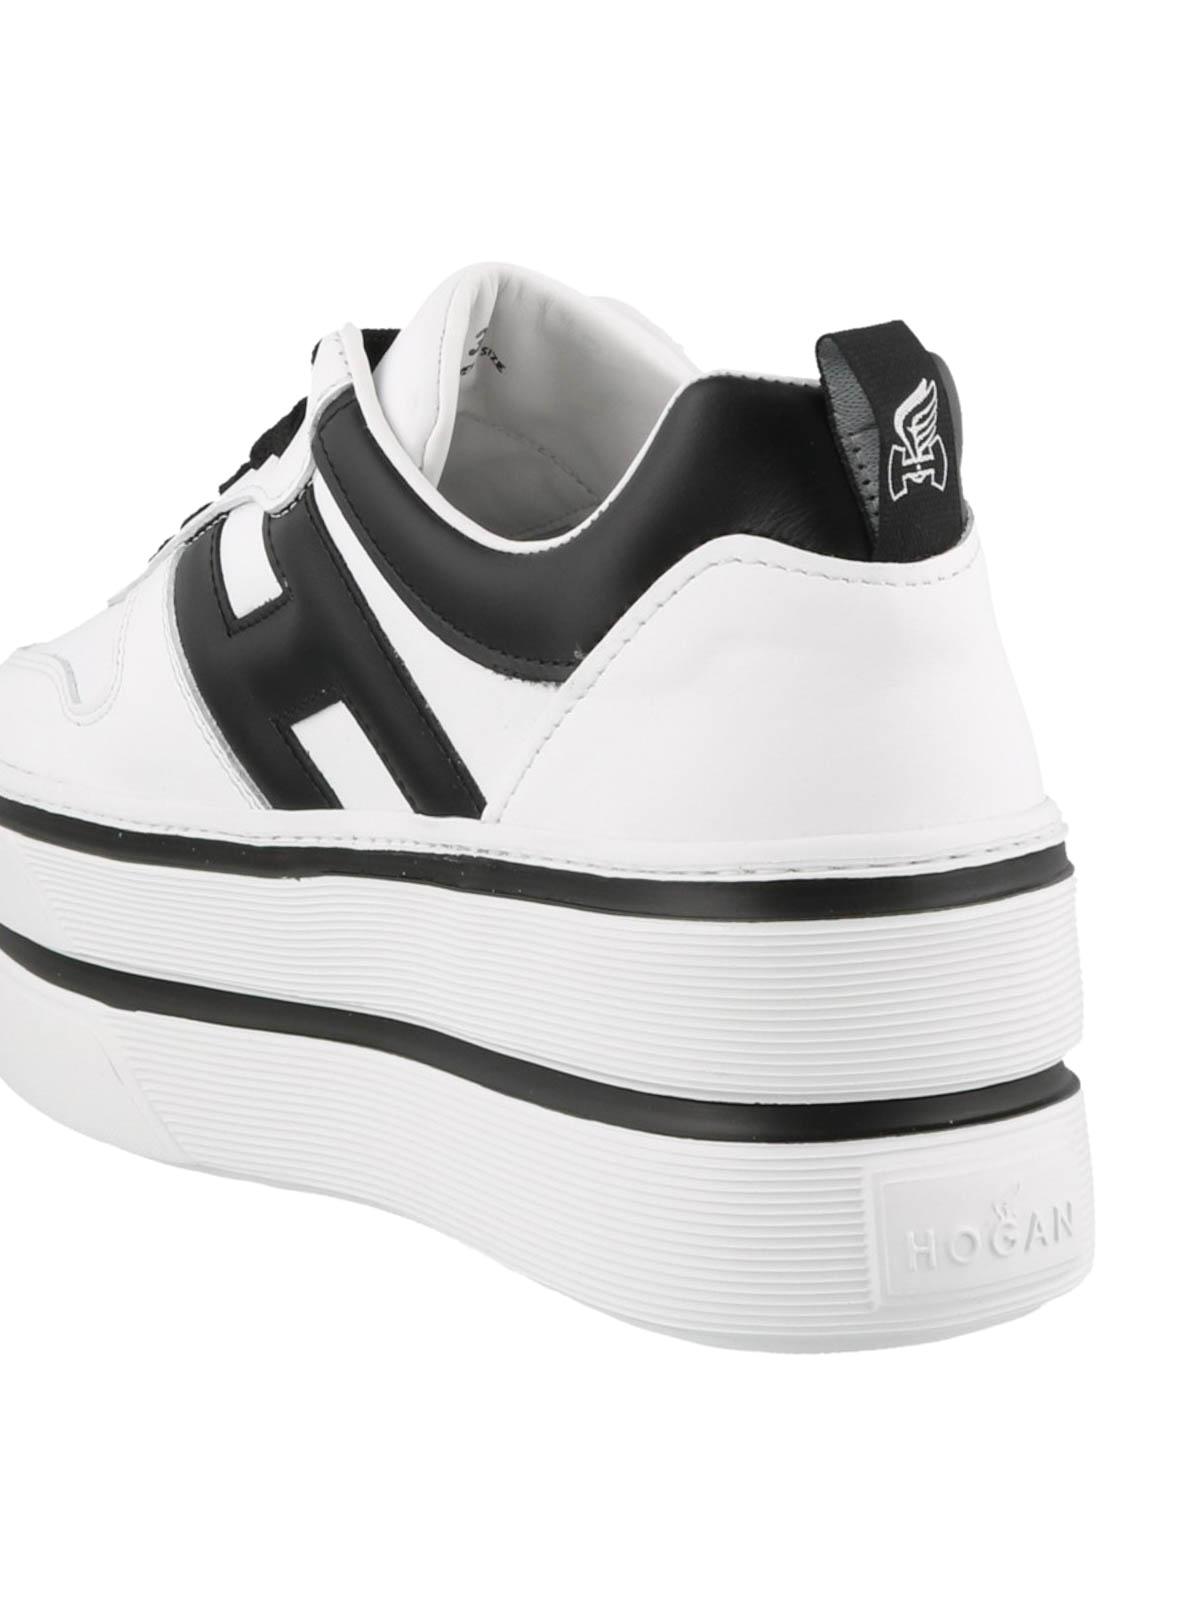 Sneakers Hogan - Sneaker H449 bianche e nere - GYW4490BS00KLA0001